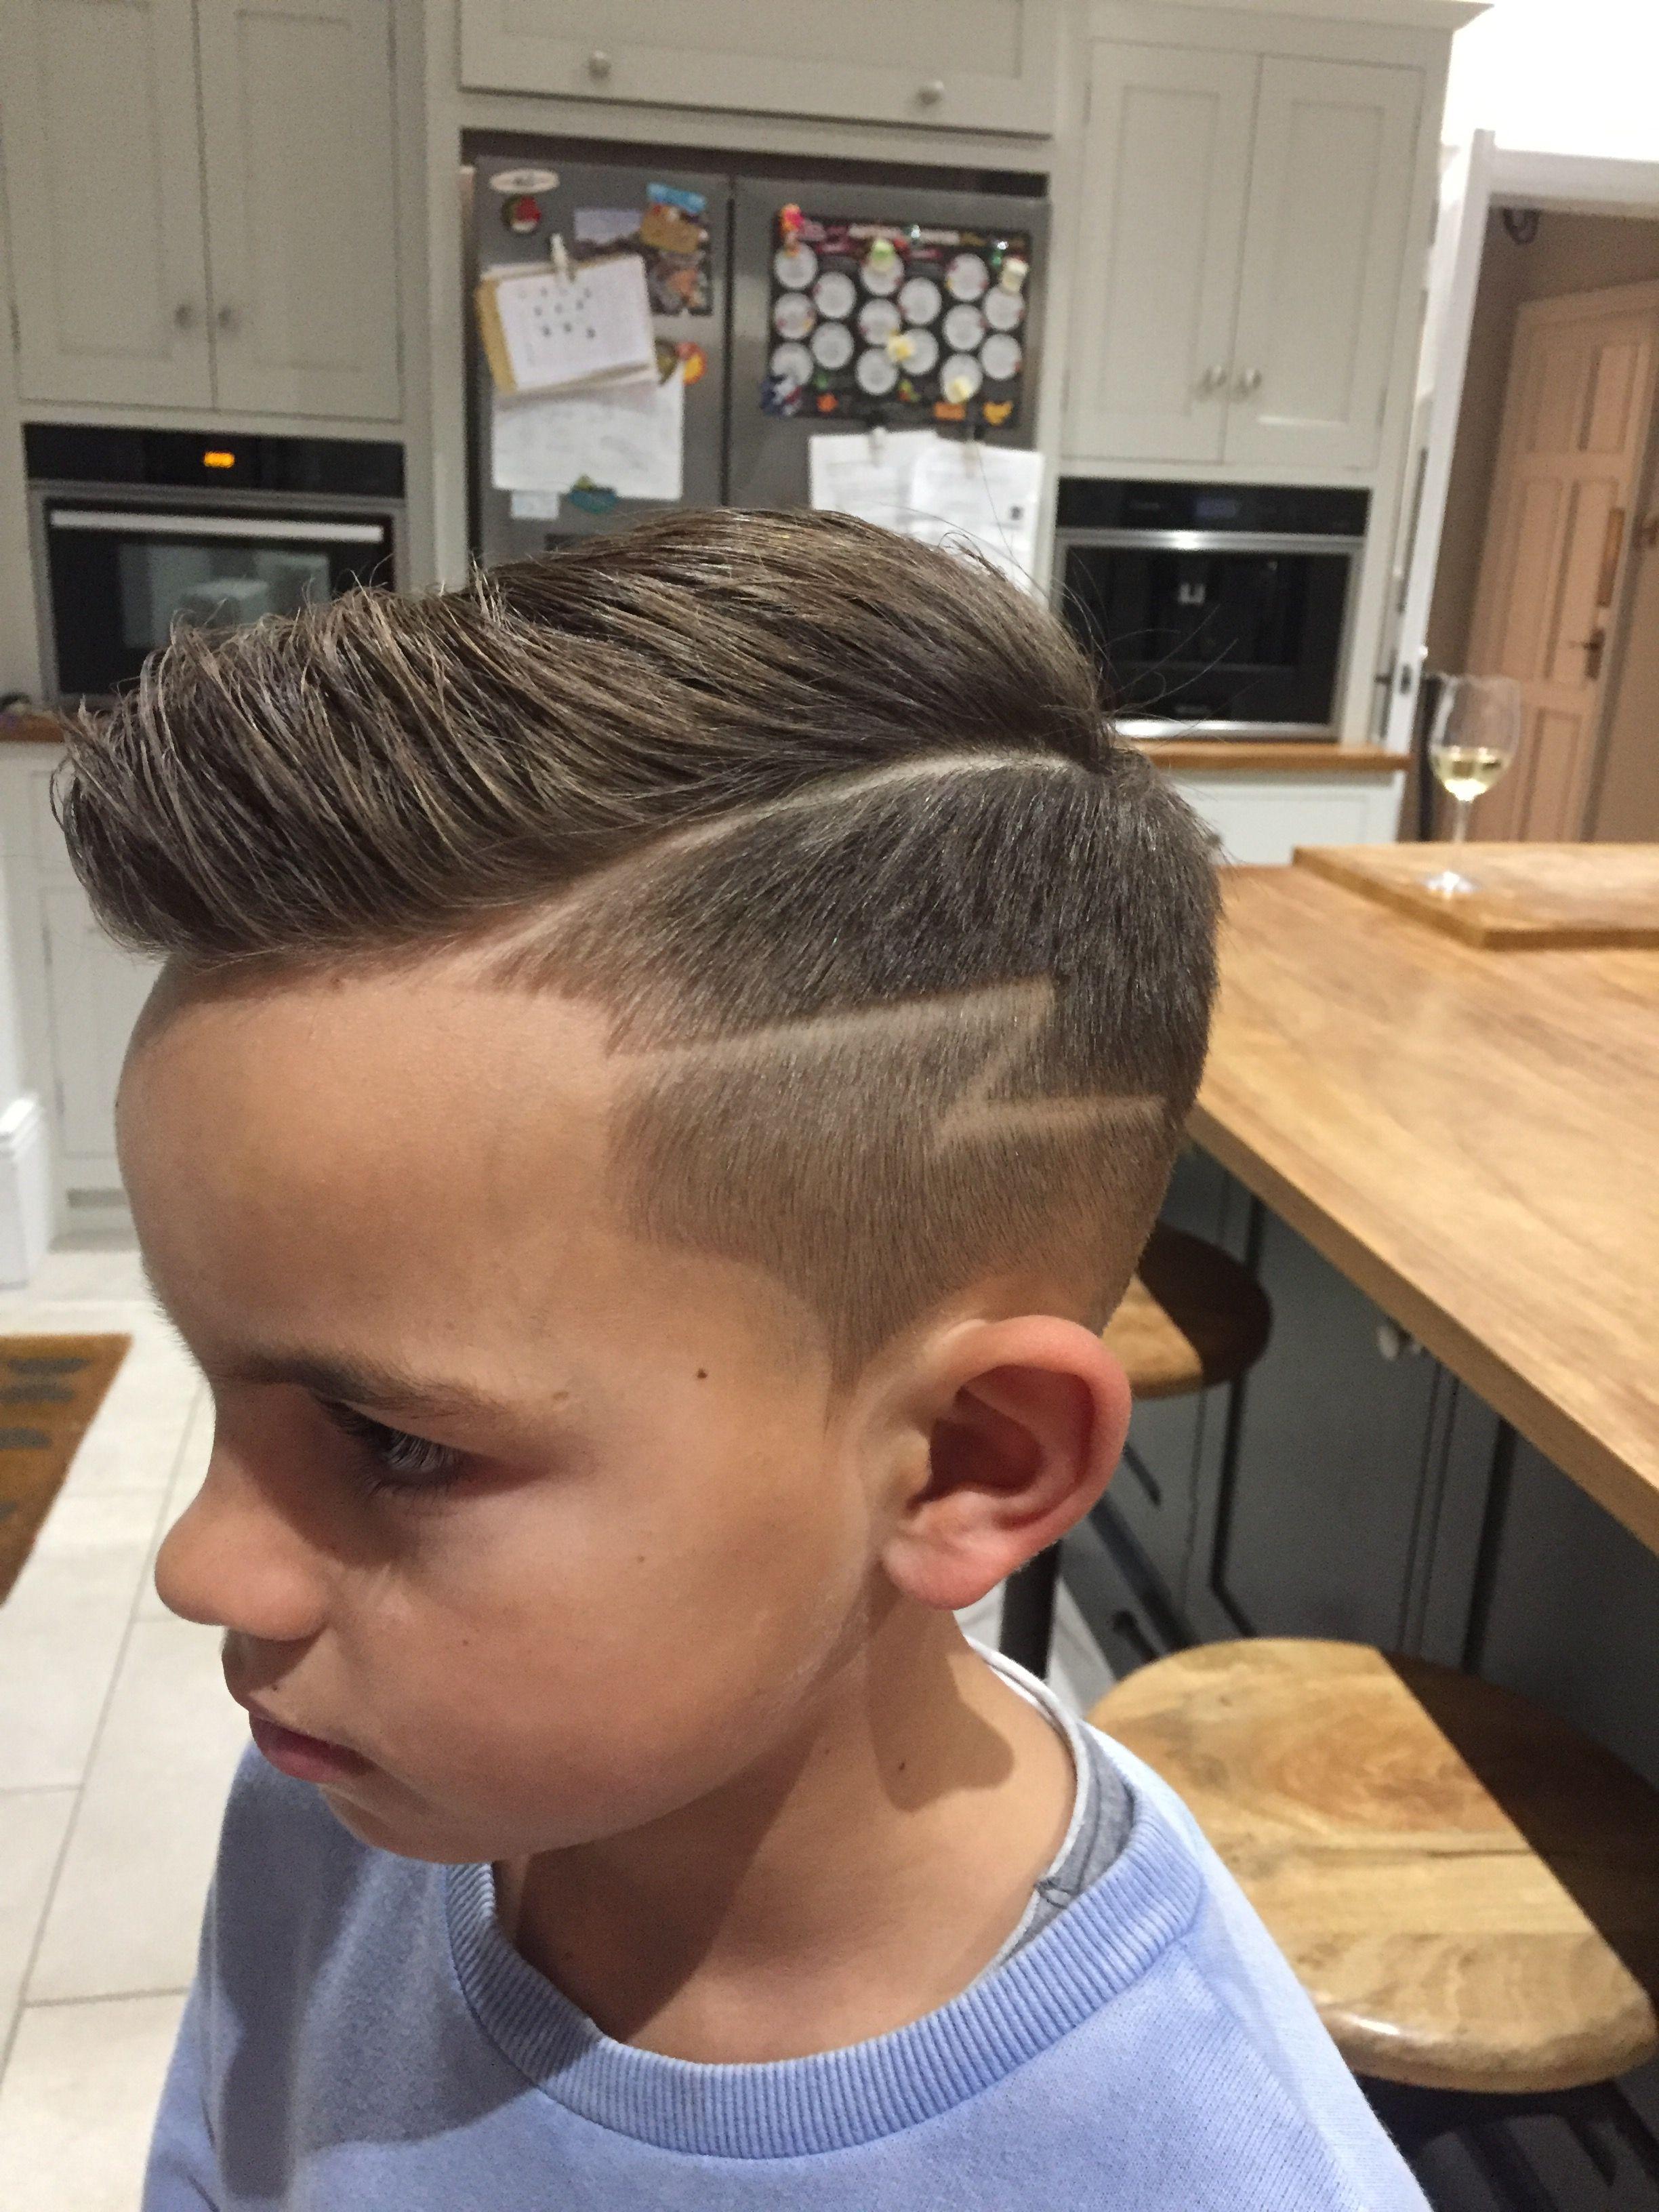 boys haircut with lightning bolt design. #boyshaircut